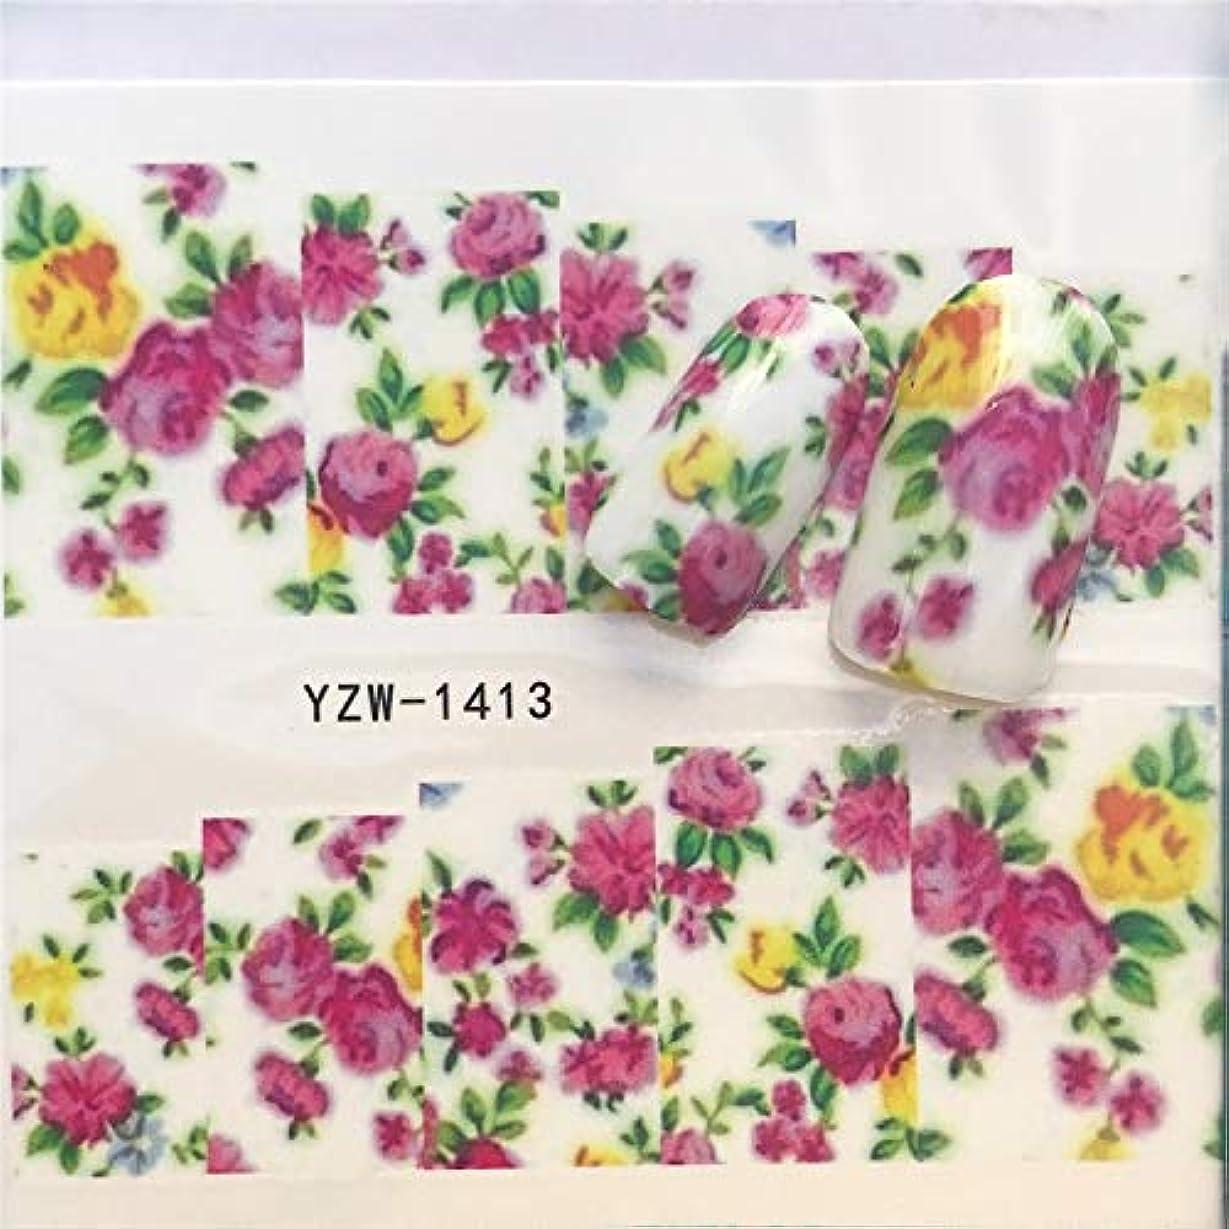 集中的な虫を数える飢饉CELINEZL CELINEZL 3ピースネイルステッカーセットデカールウォータースライダースライダーネイルアートデコレーション、色:YZW 1413